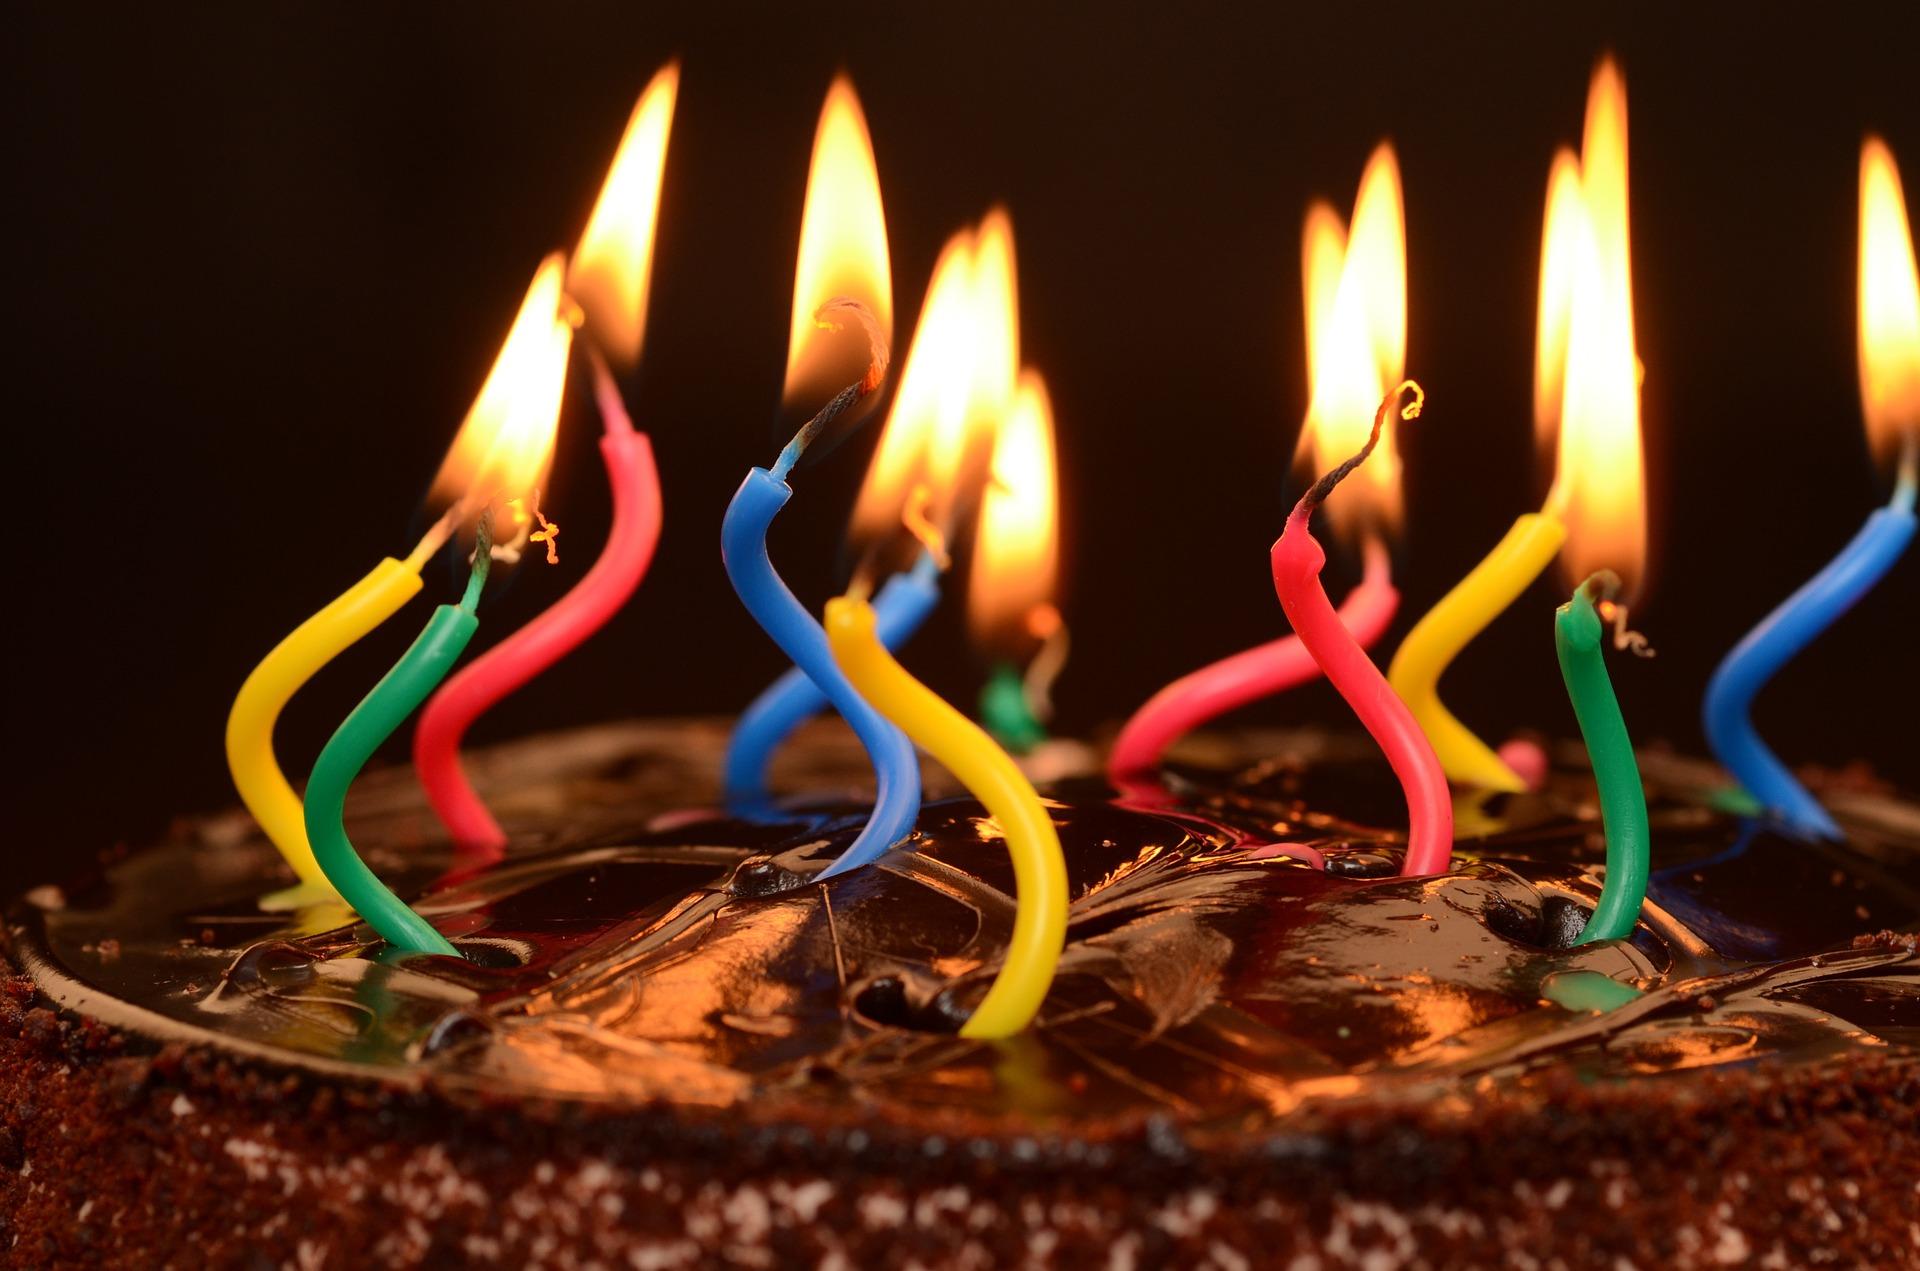 χρόνια πολλά για τα γενεθλιά σου